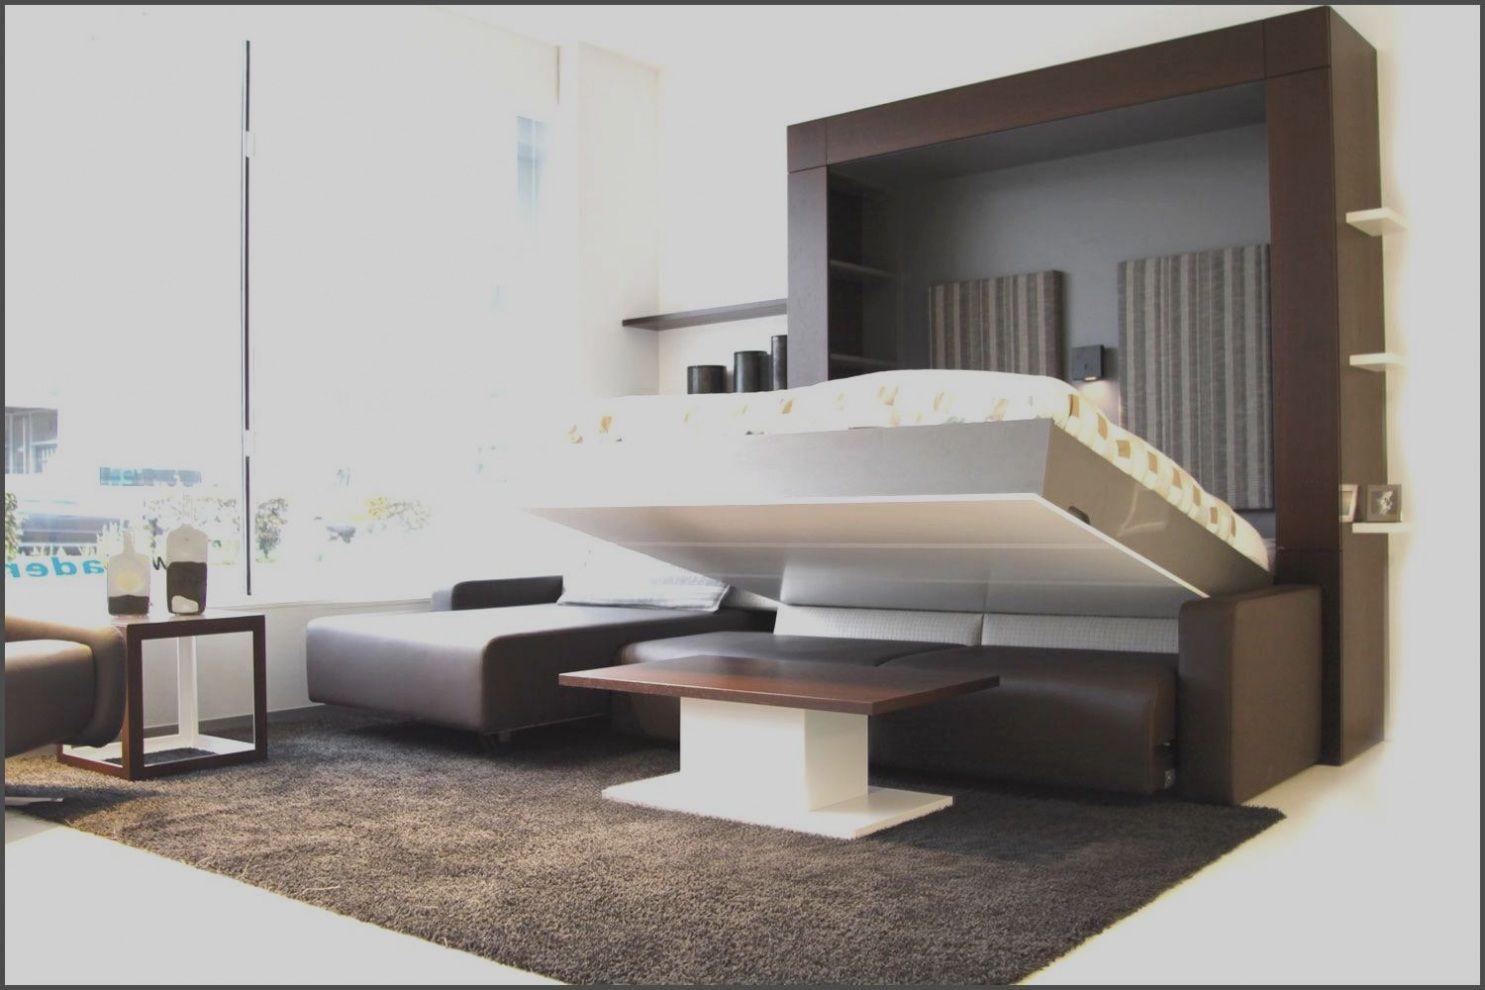 Gut gemocht bett im wohnzimmer integrieren | ideen für wohnzimmer gestalten KR09